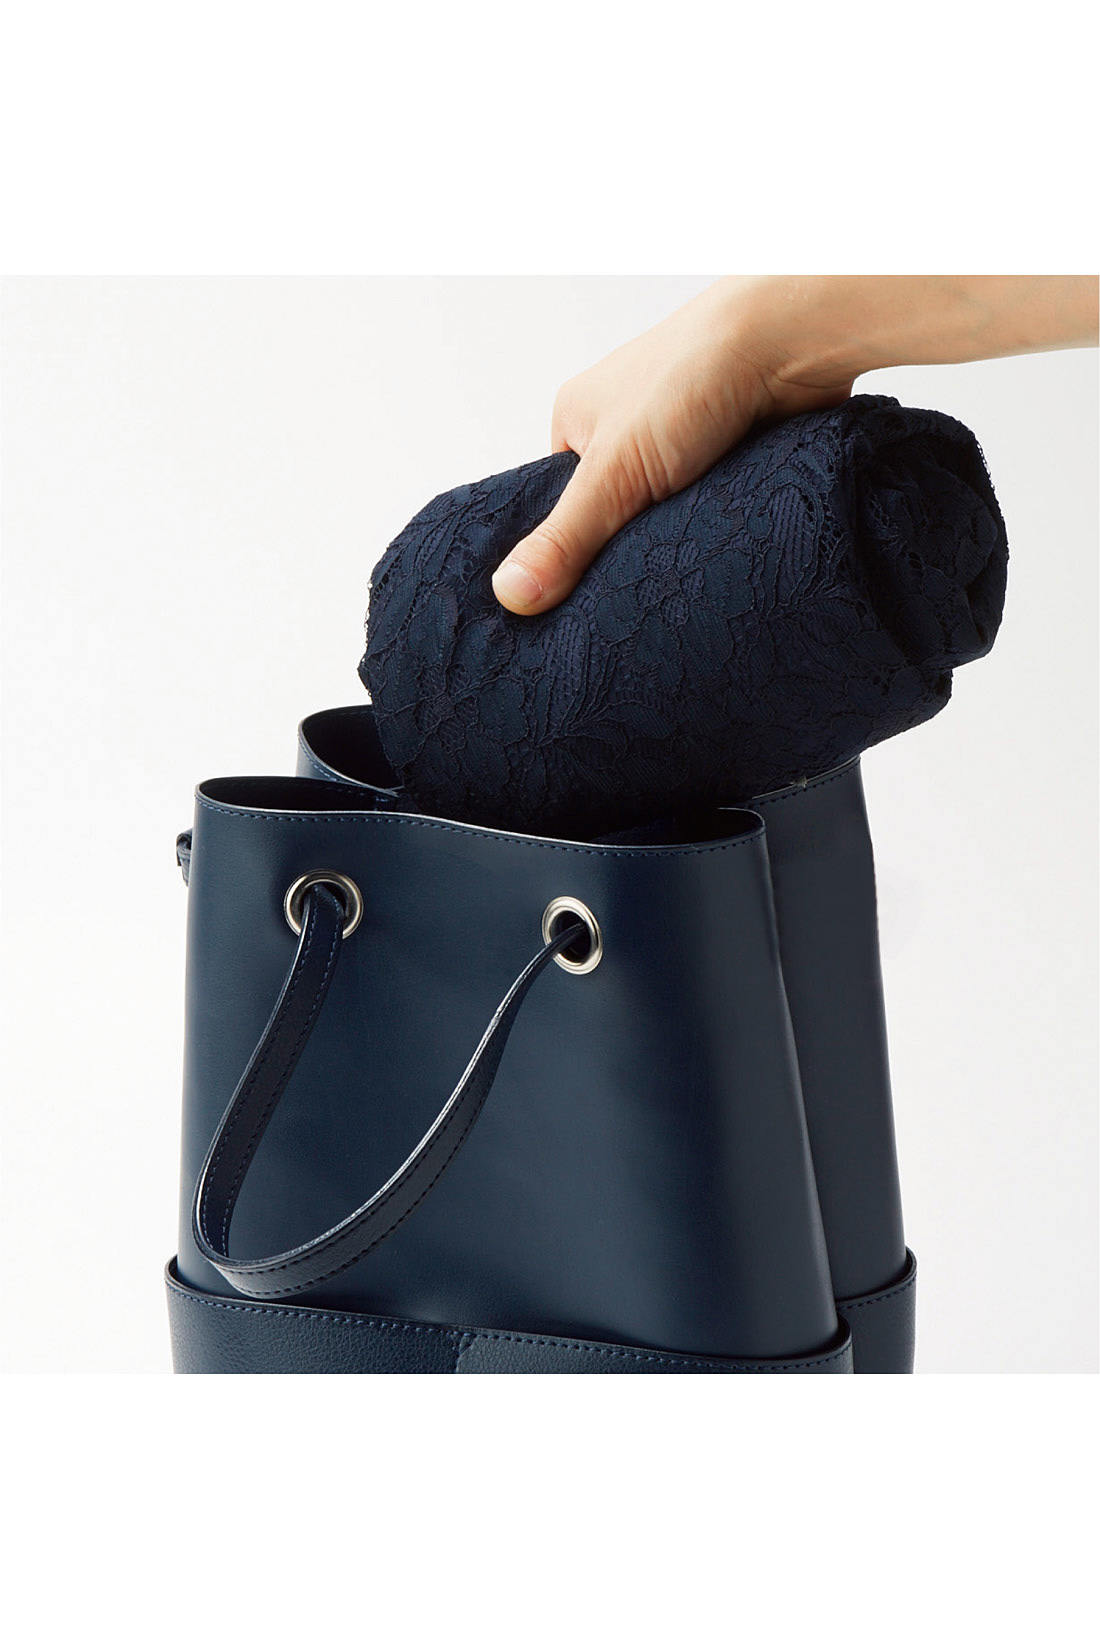 バッグにインも安心な、しわになりにくい素材 軽やかでしわになりにくい素材だから、くるっと丸めてバッグにしまえるのも便利。